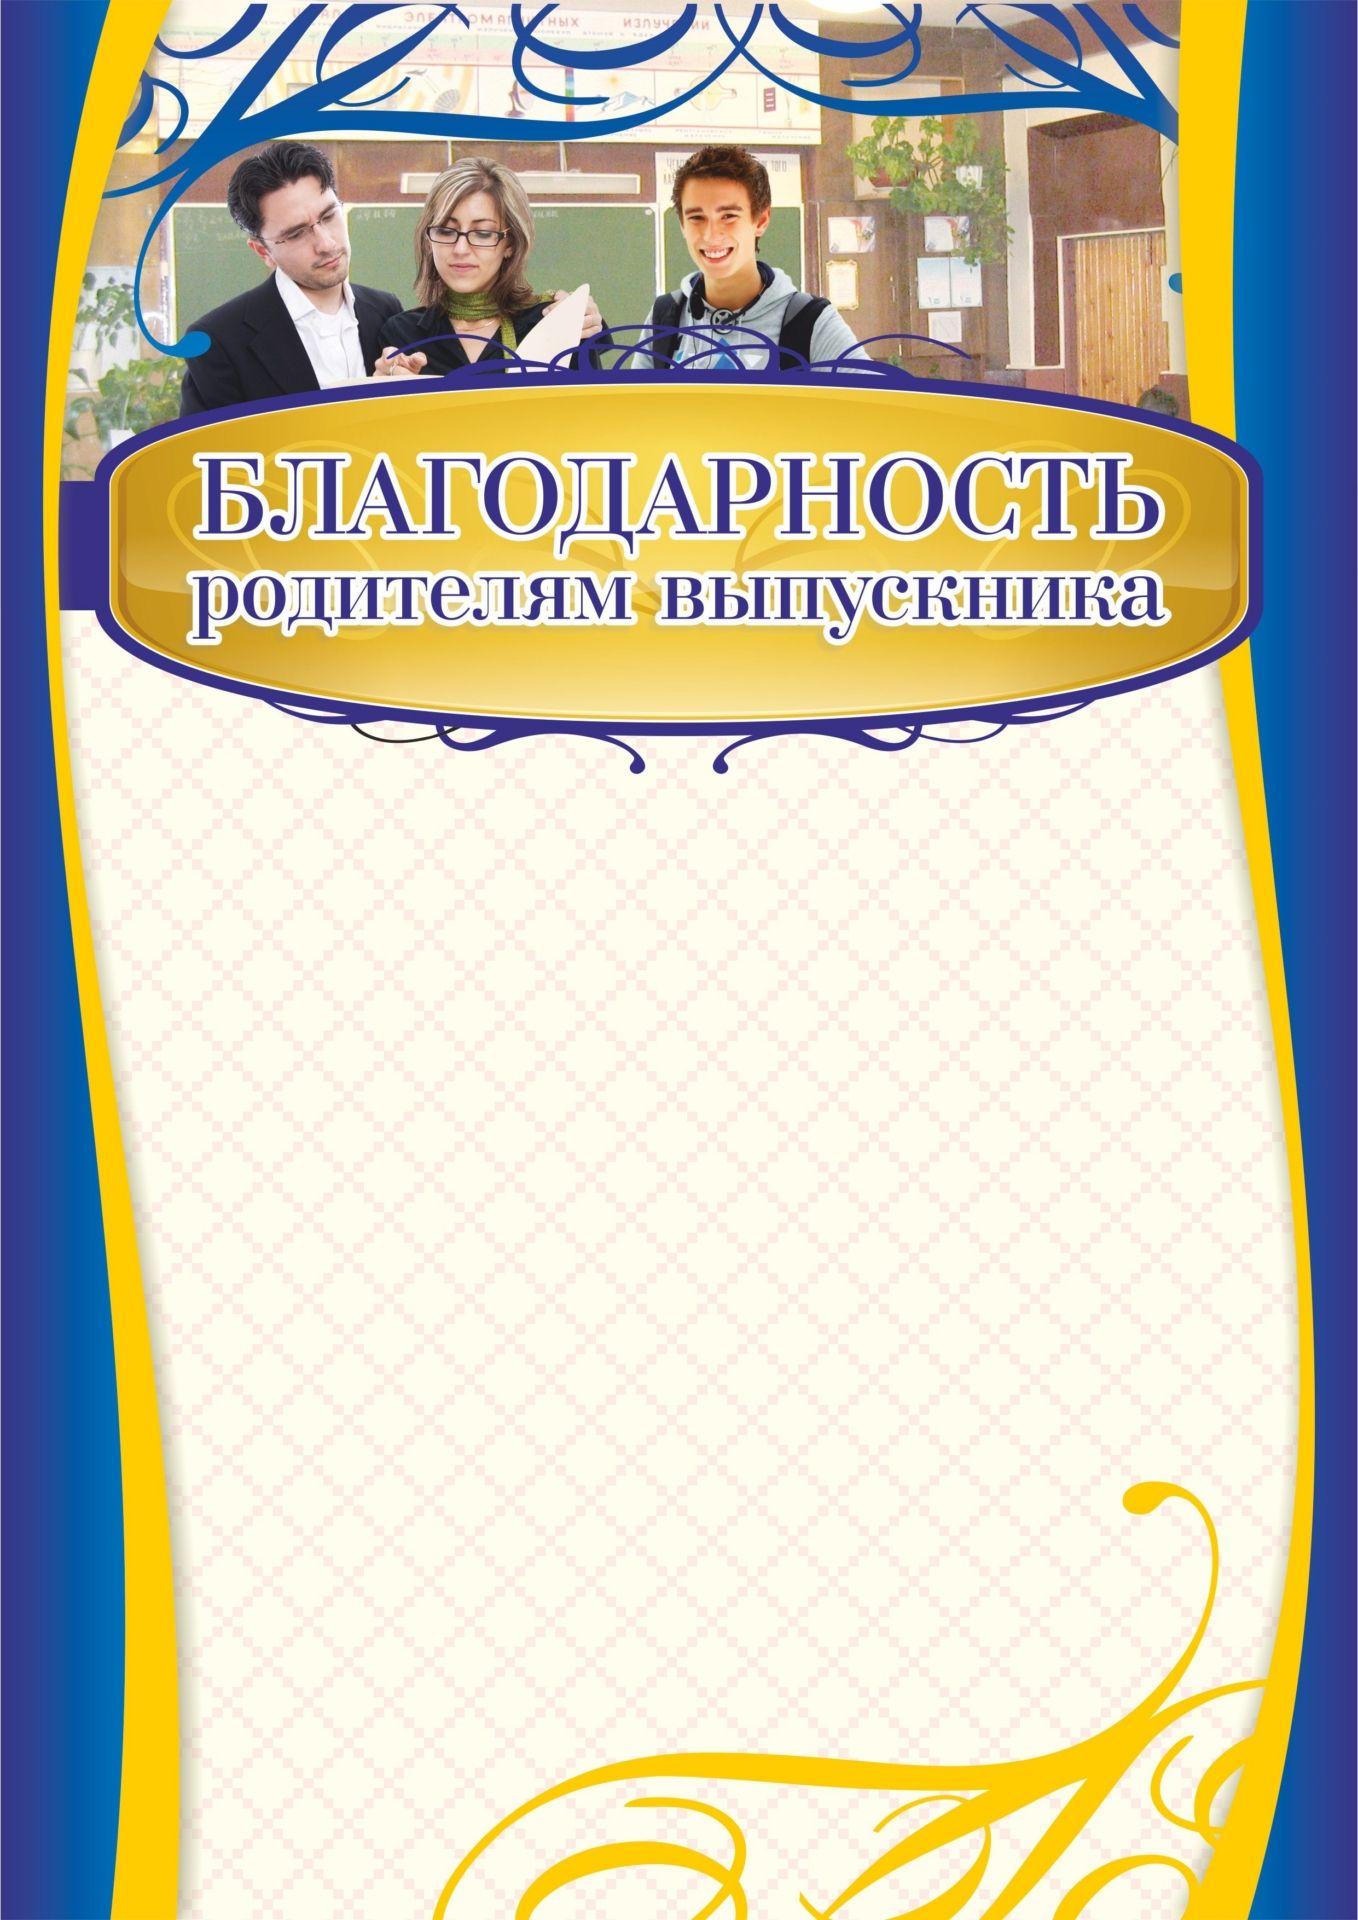 Благодарность родителям выпускникаРодителям<br>Материалы:иллюстрации - бумага мелованная, пл. 250.00.<br><br>Год: 2018<br>Высота: 297<br>Ширина: 210